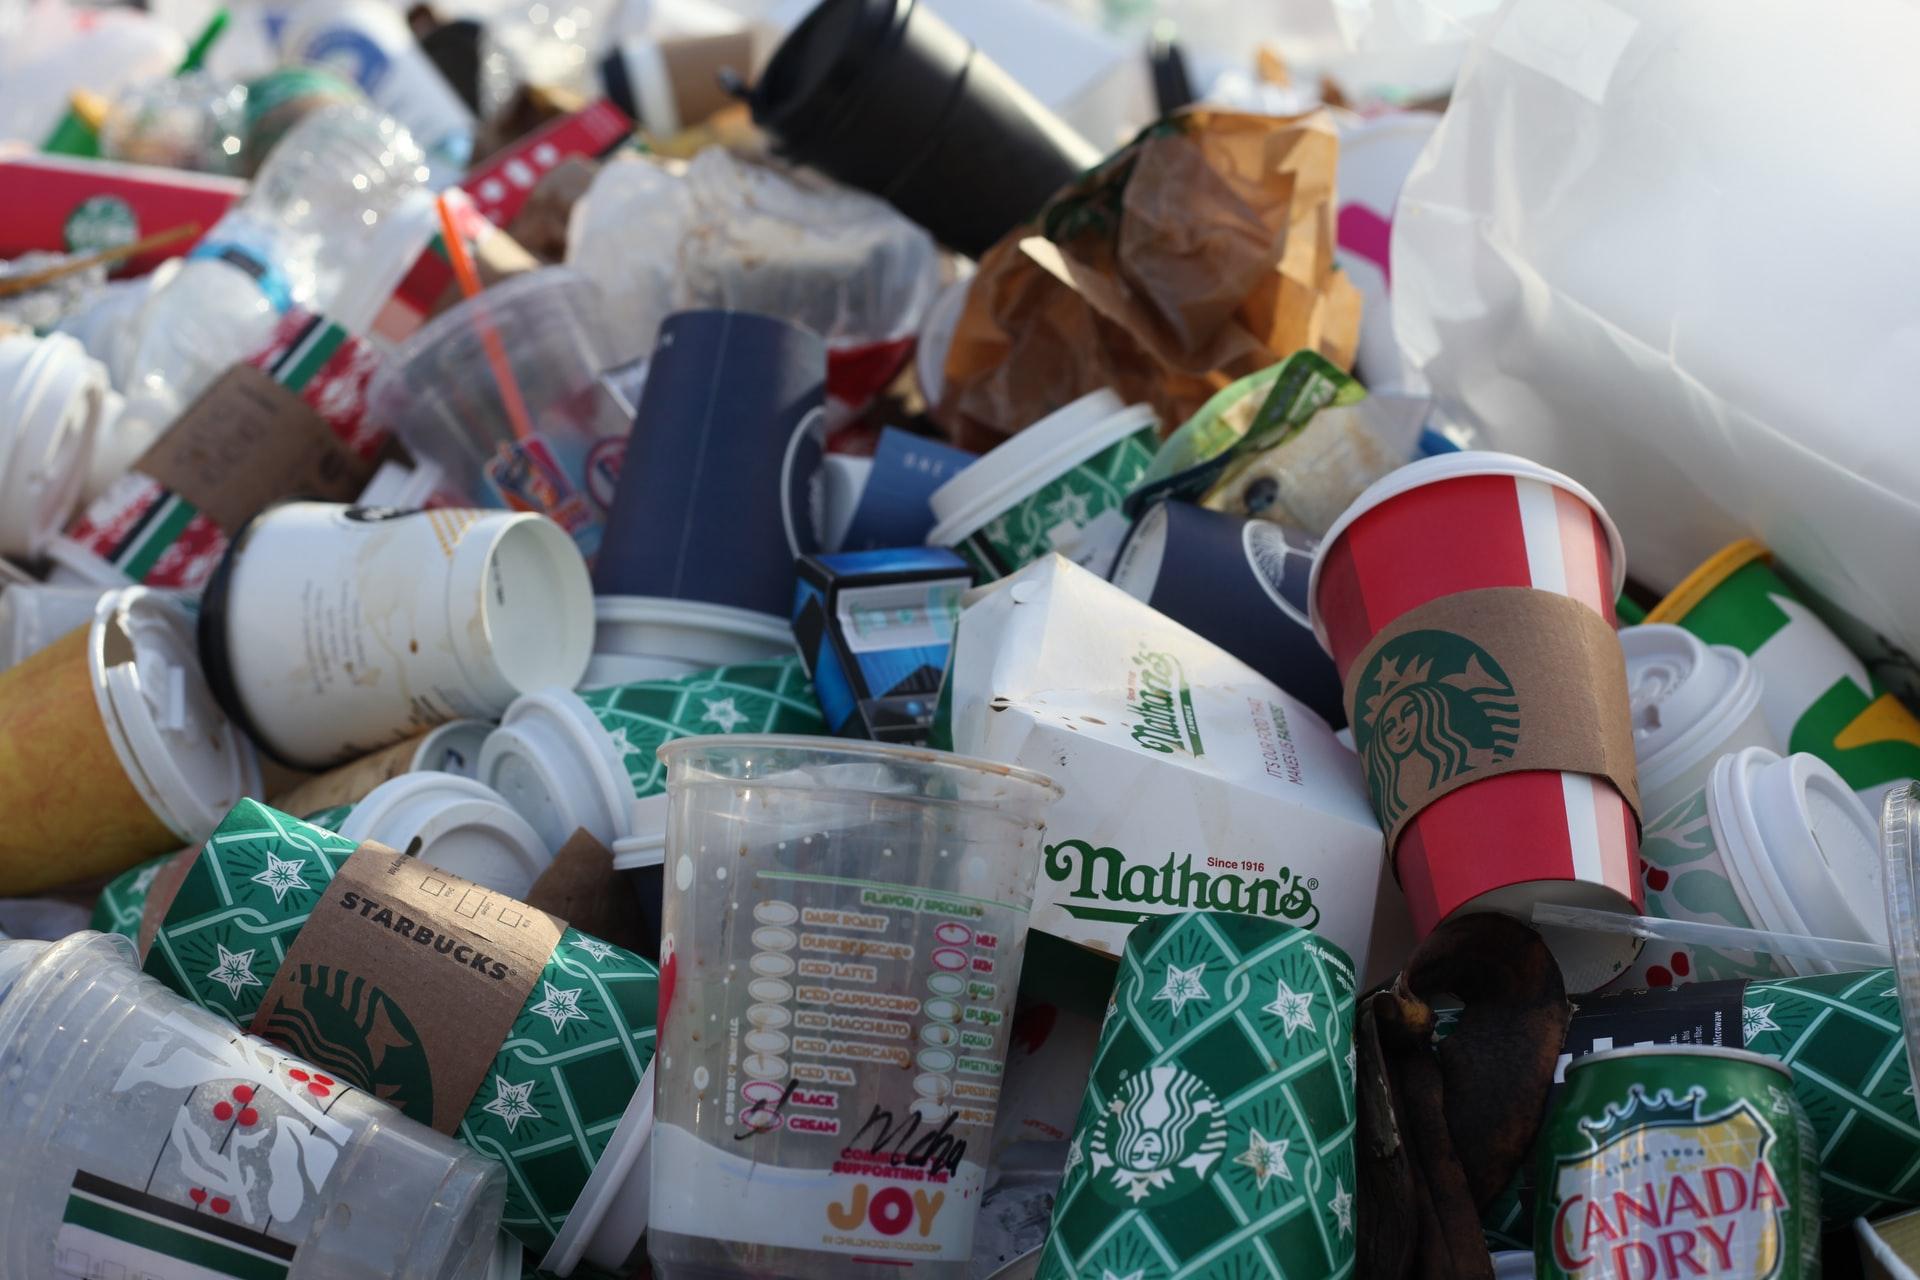 Trois initiatives solidaires pour lutter contre le gaspillage alimentaire